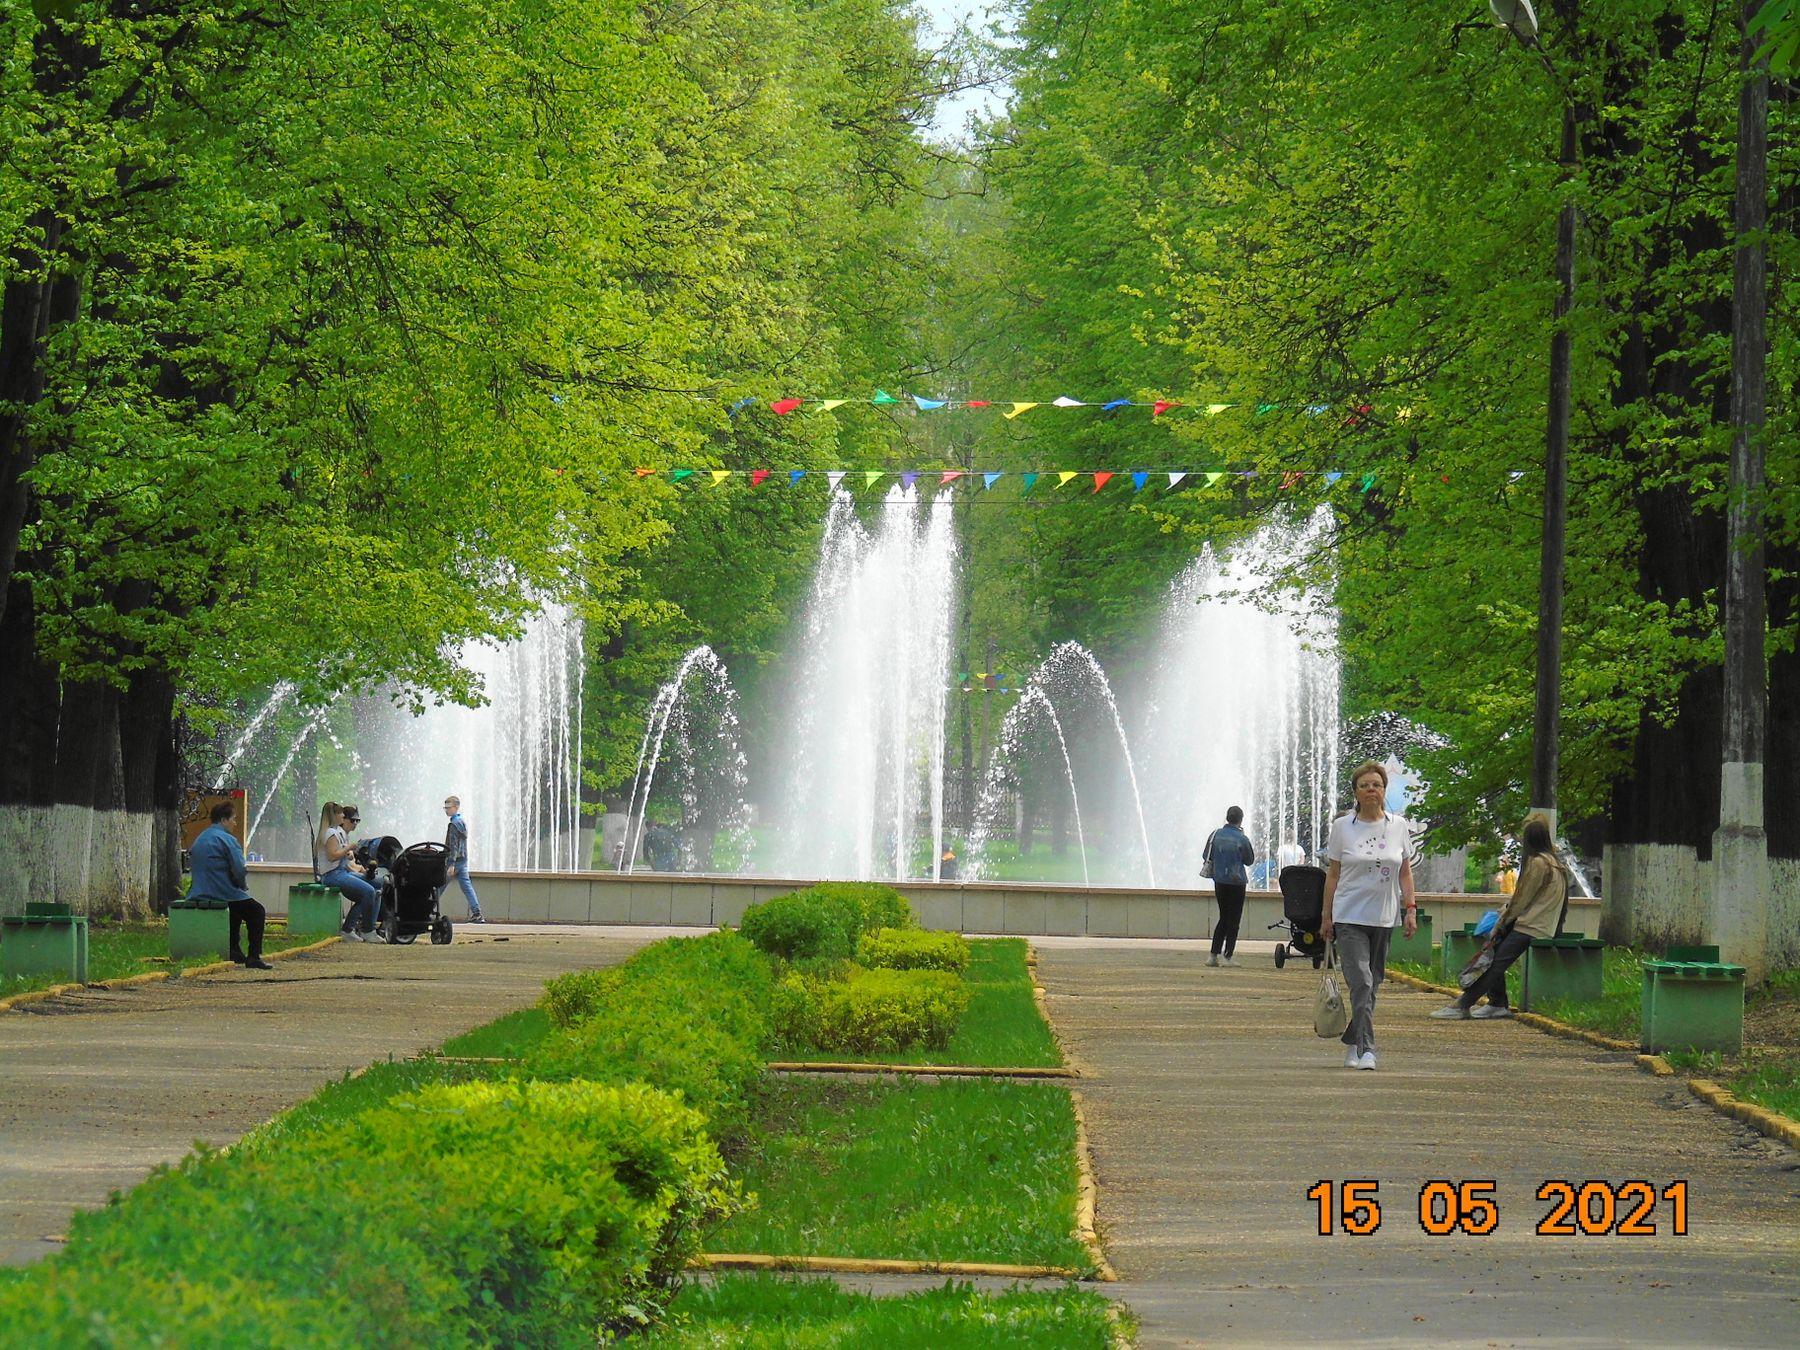 фонтан в парке Коломна Россия москва область.май Коронавирус.природа.город.парк весна